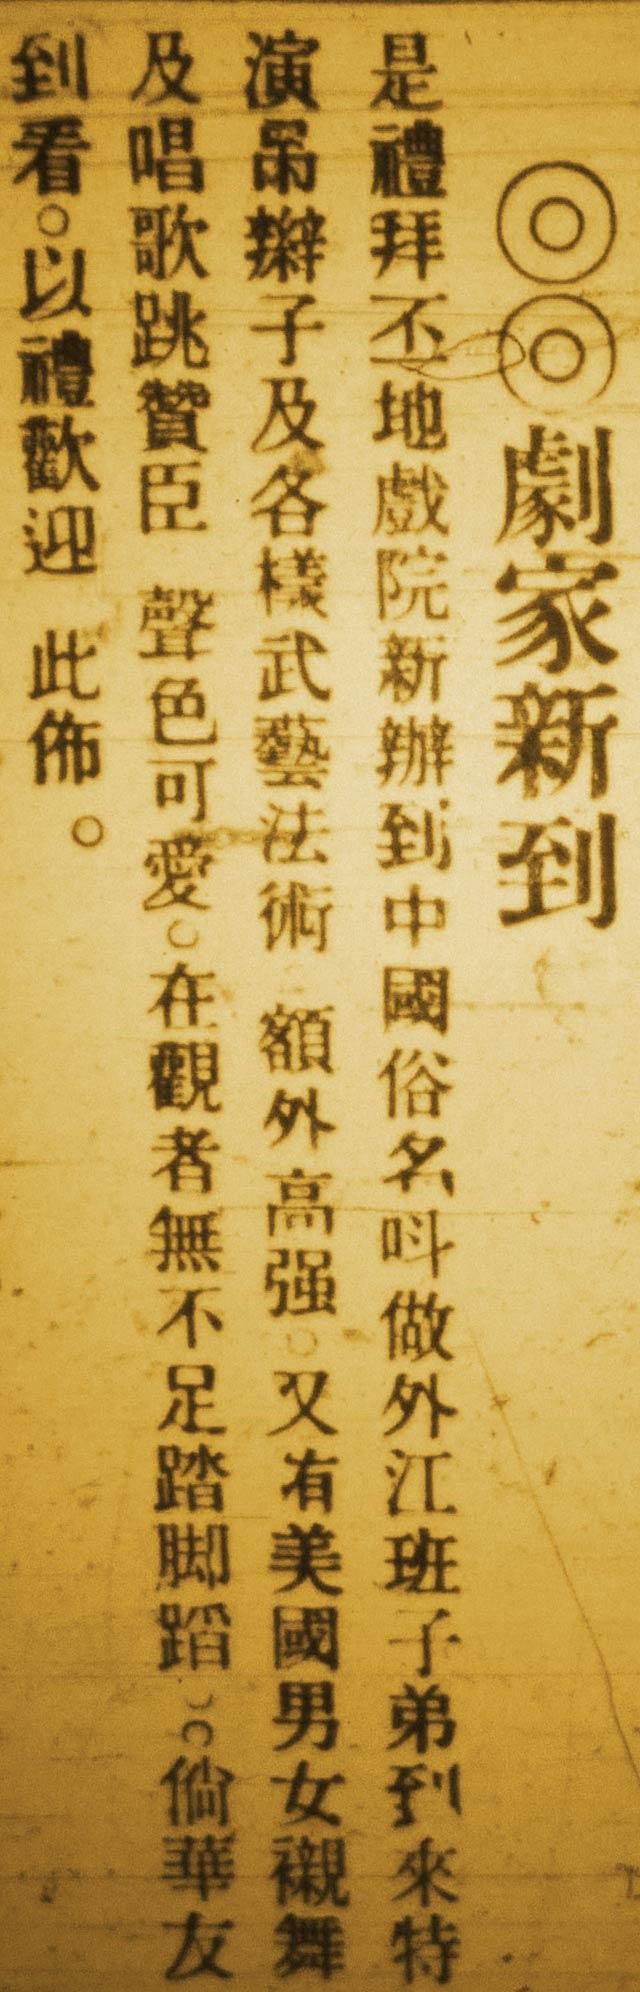 UW_Jan_5_1915_p3